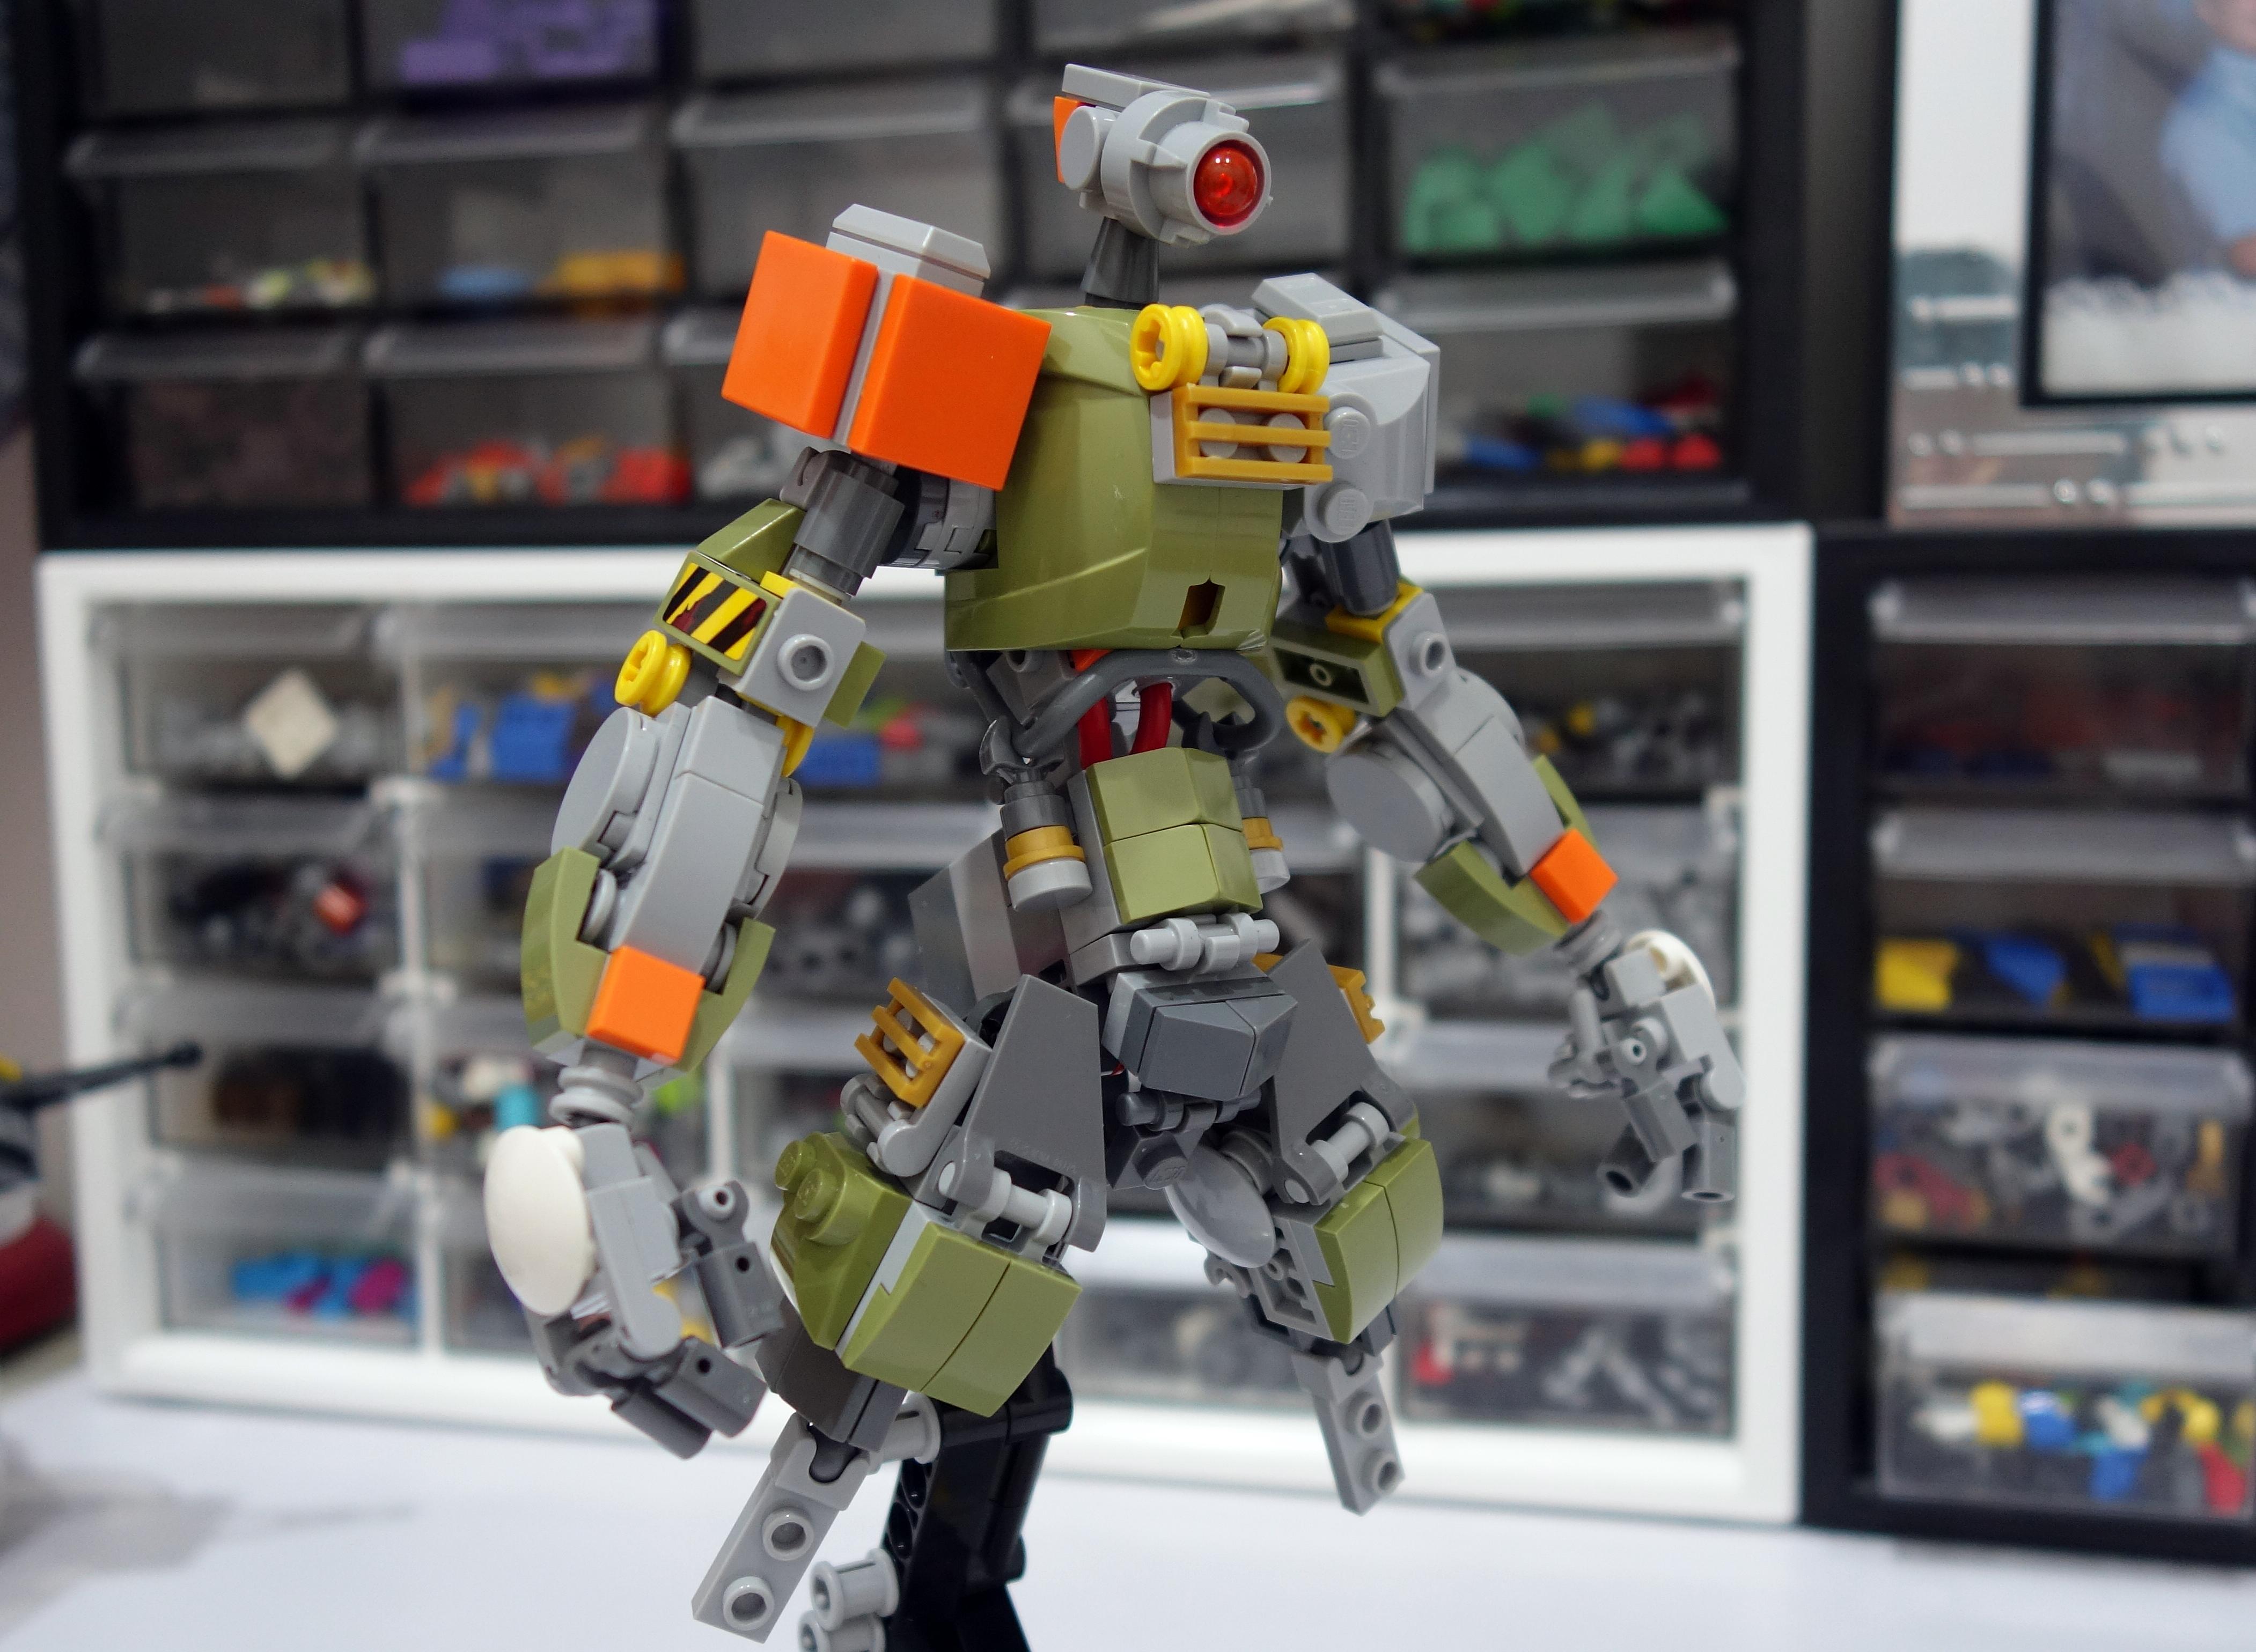 Картинки крутых роботов из лего